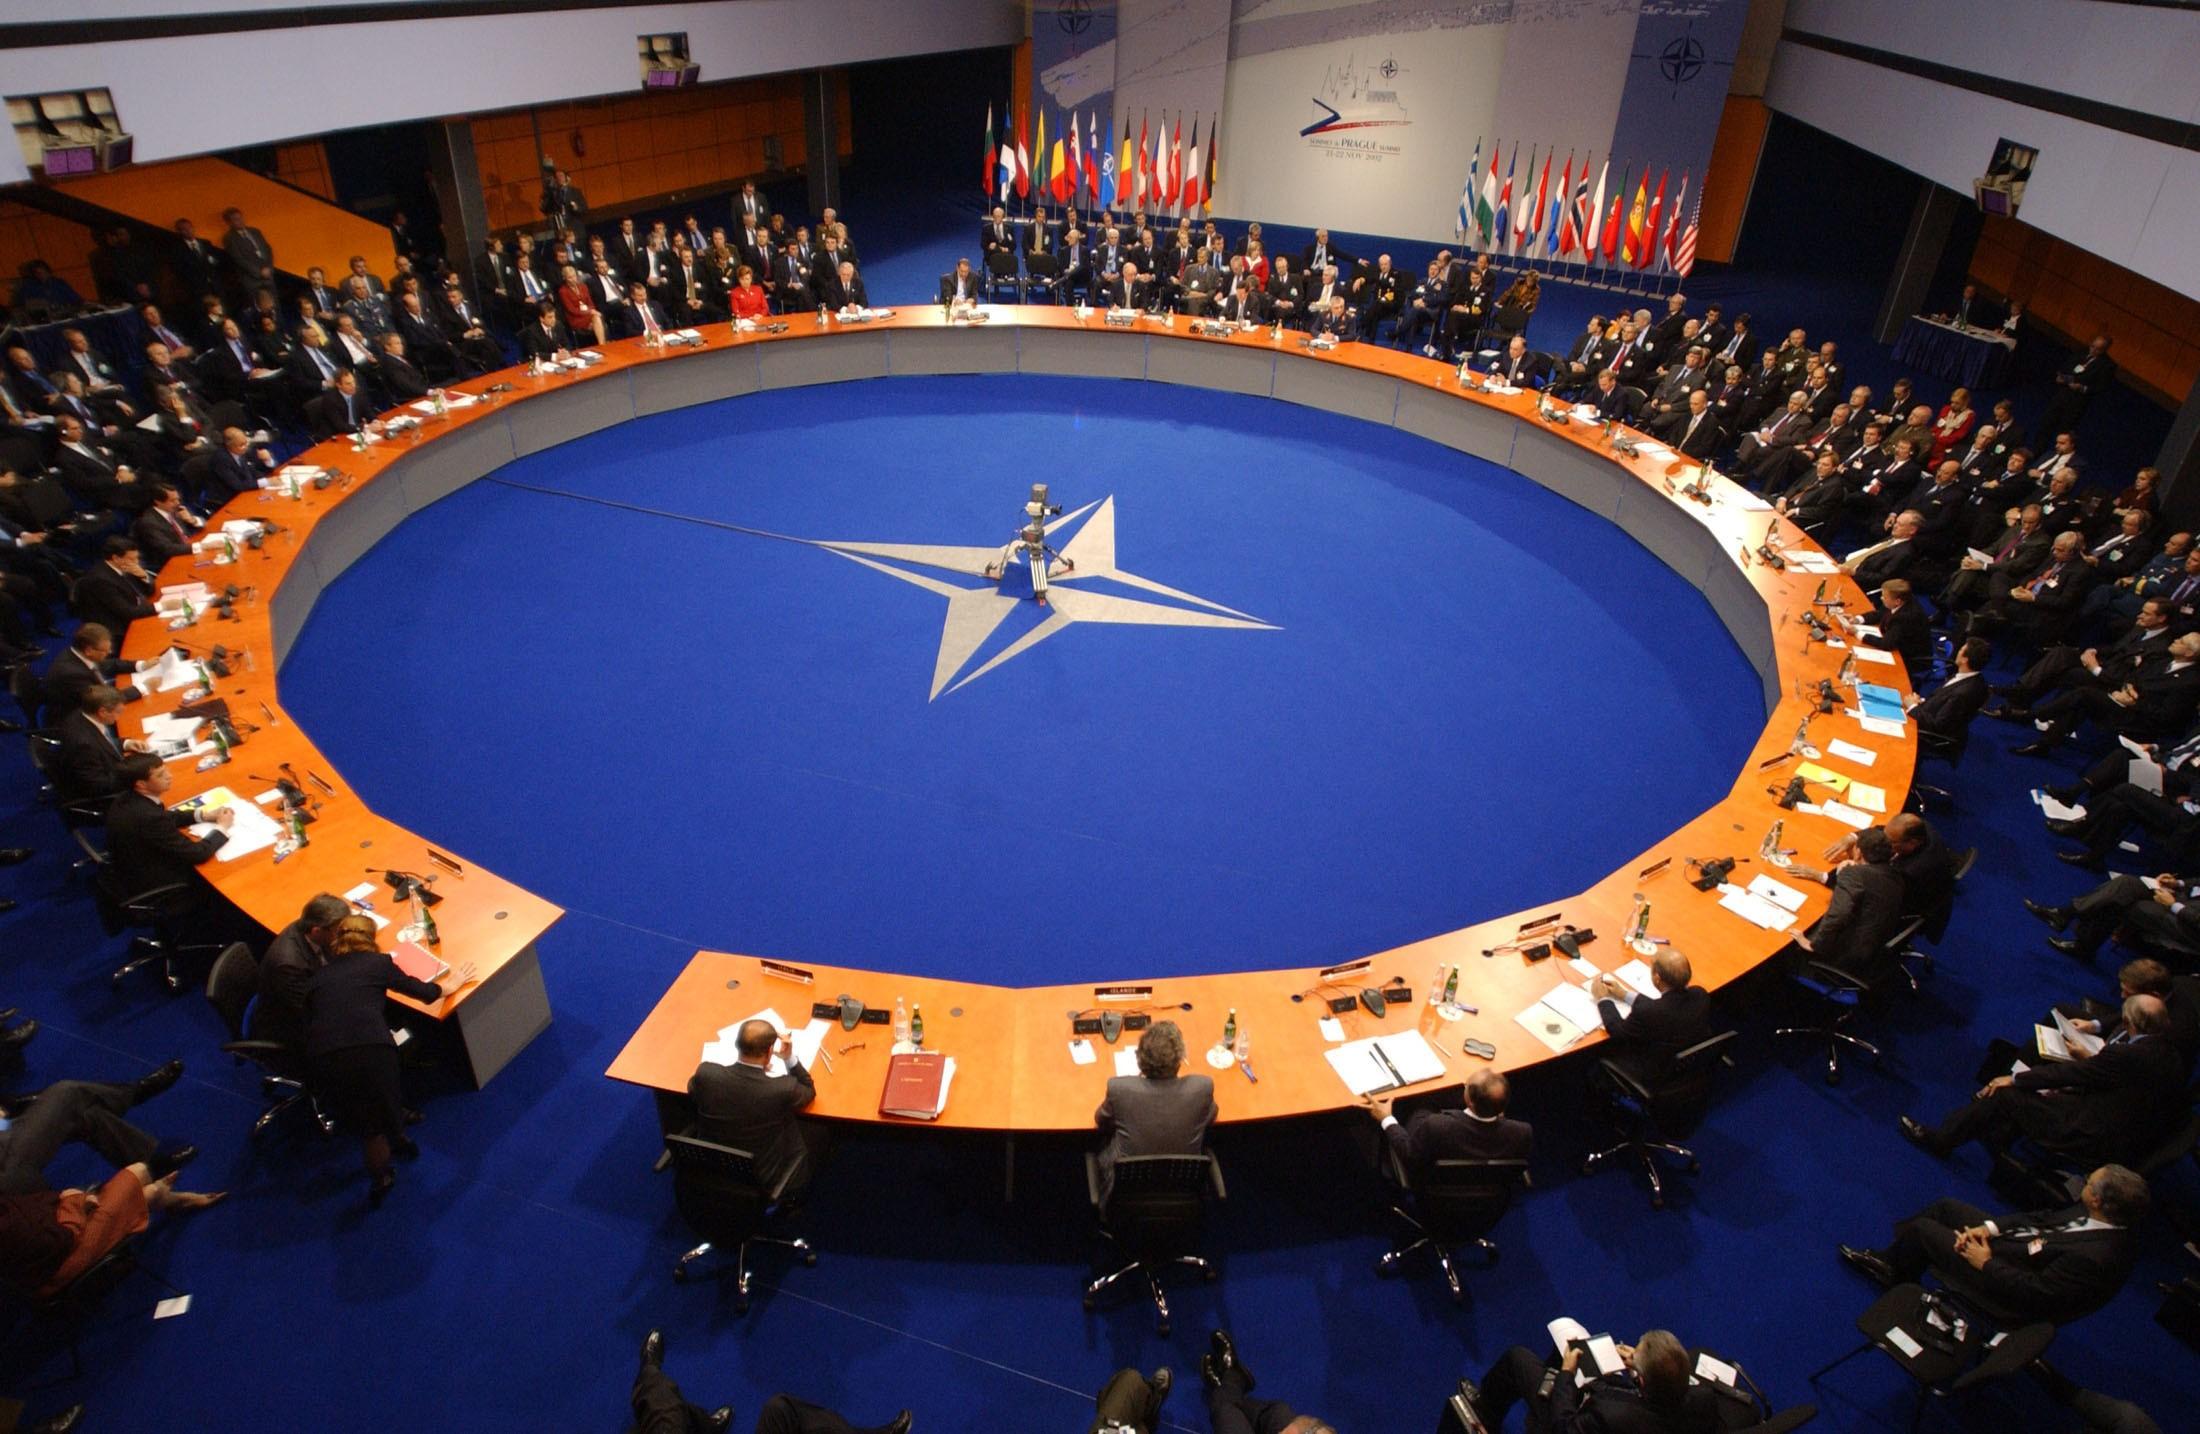 Министр обороны США: Трамп навсе 100% поддерживает НАТО 17февраля 2017 18:13